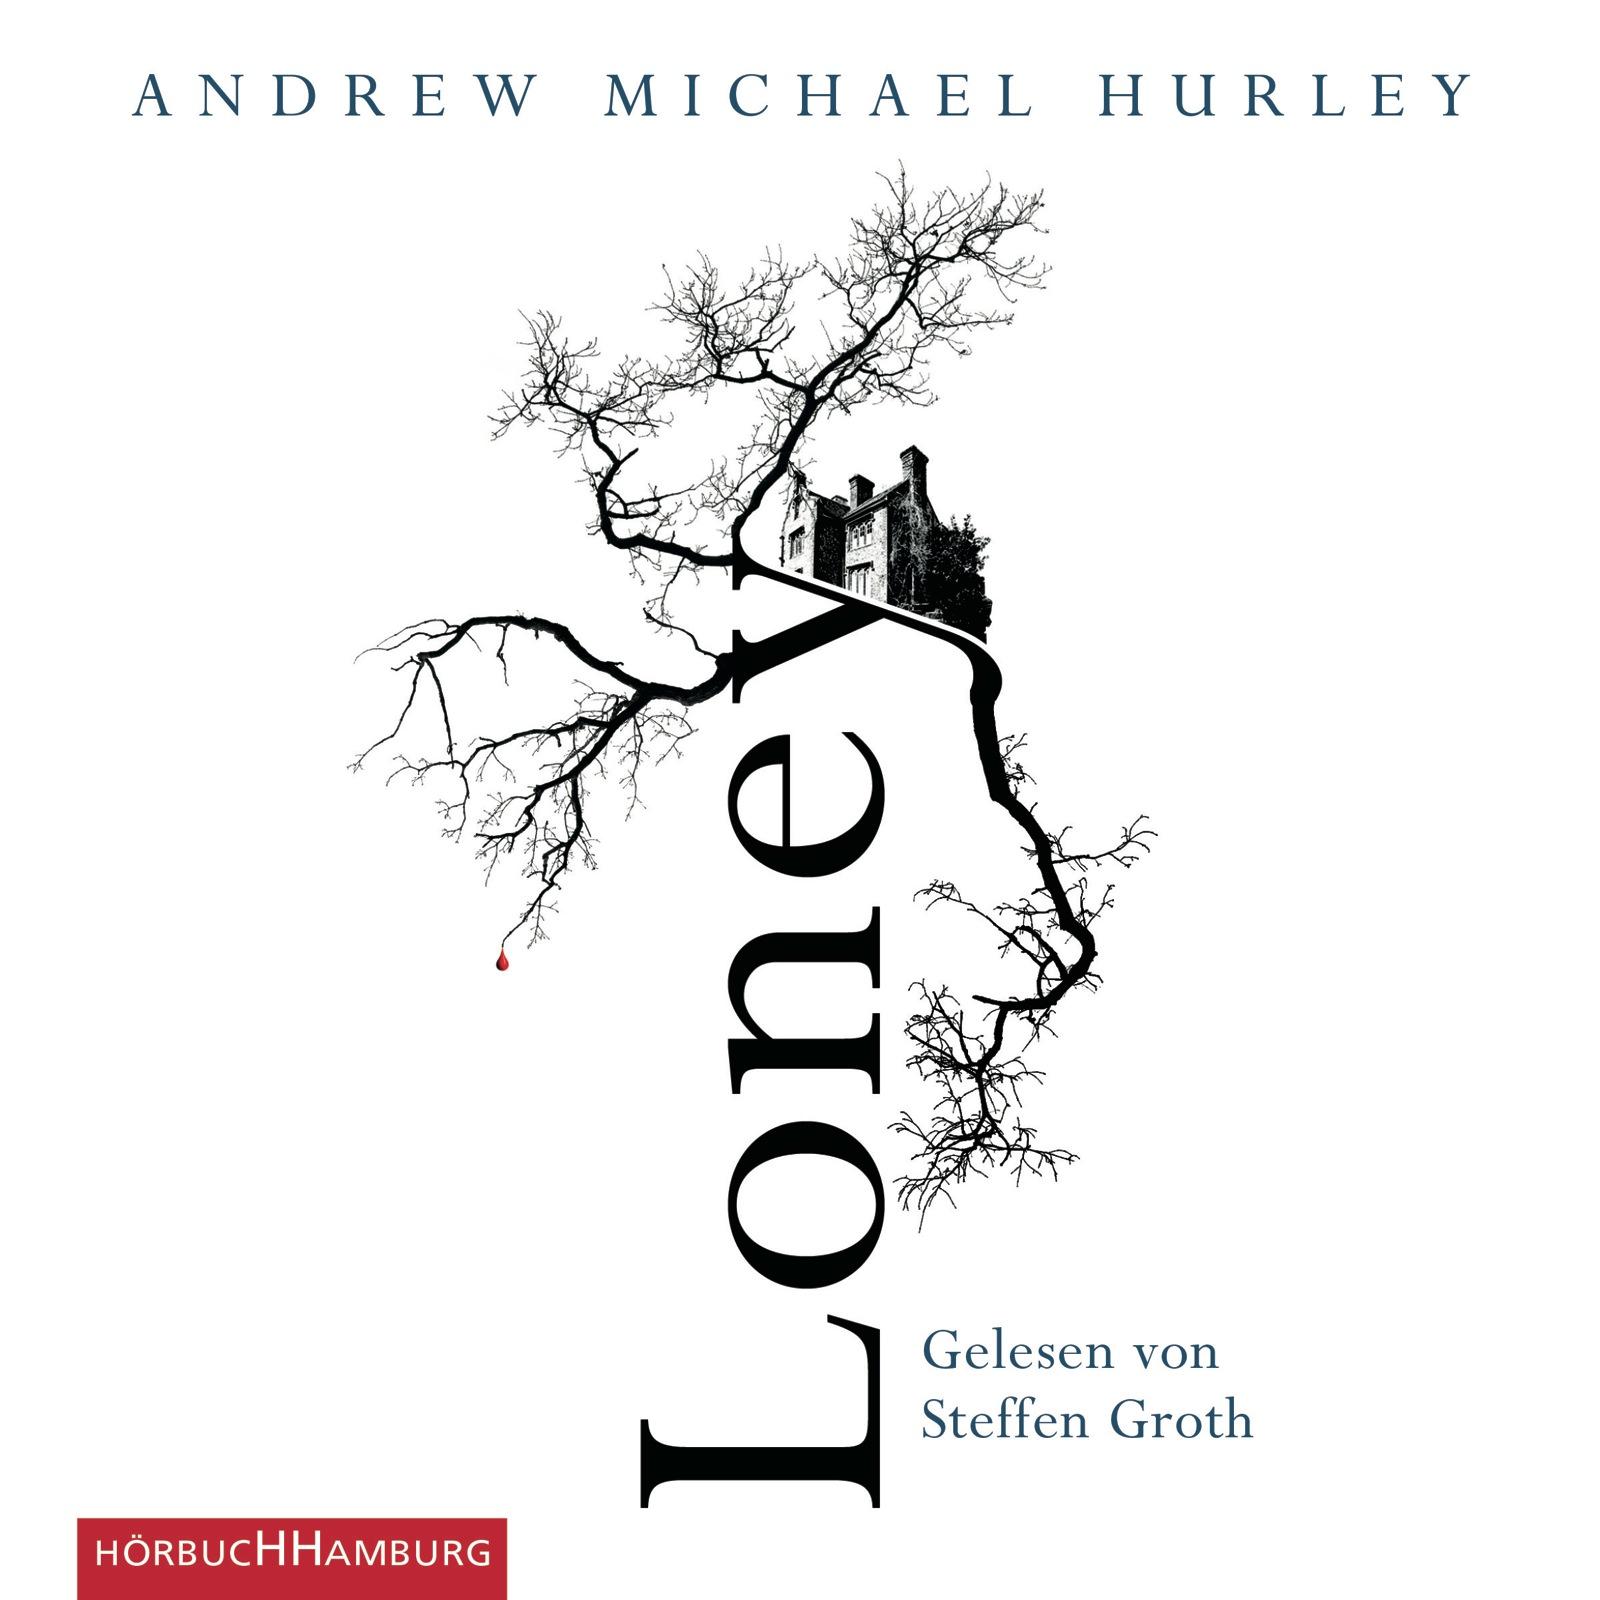 Cover für das Loney Hörbuch